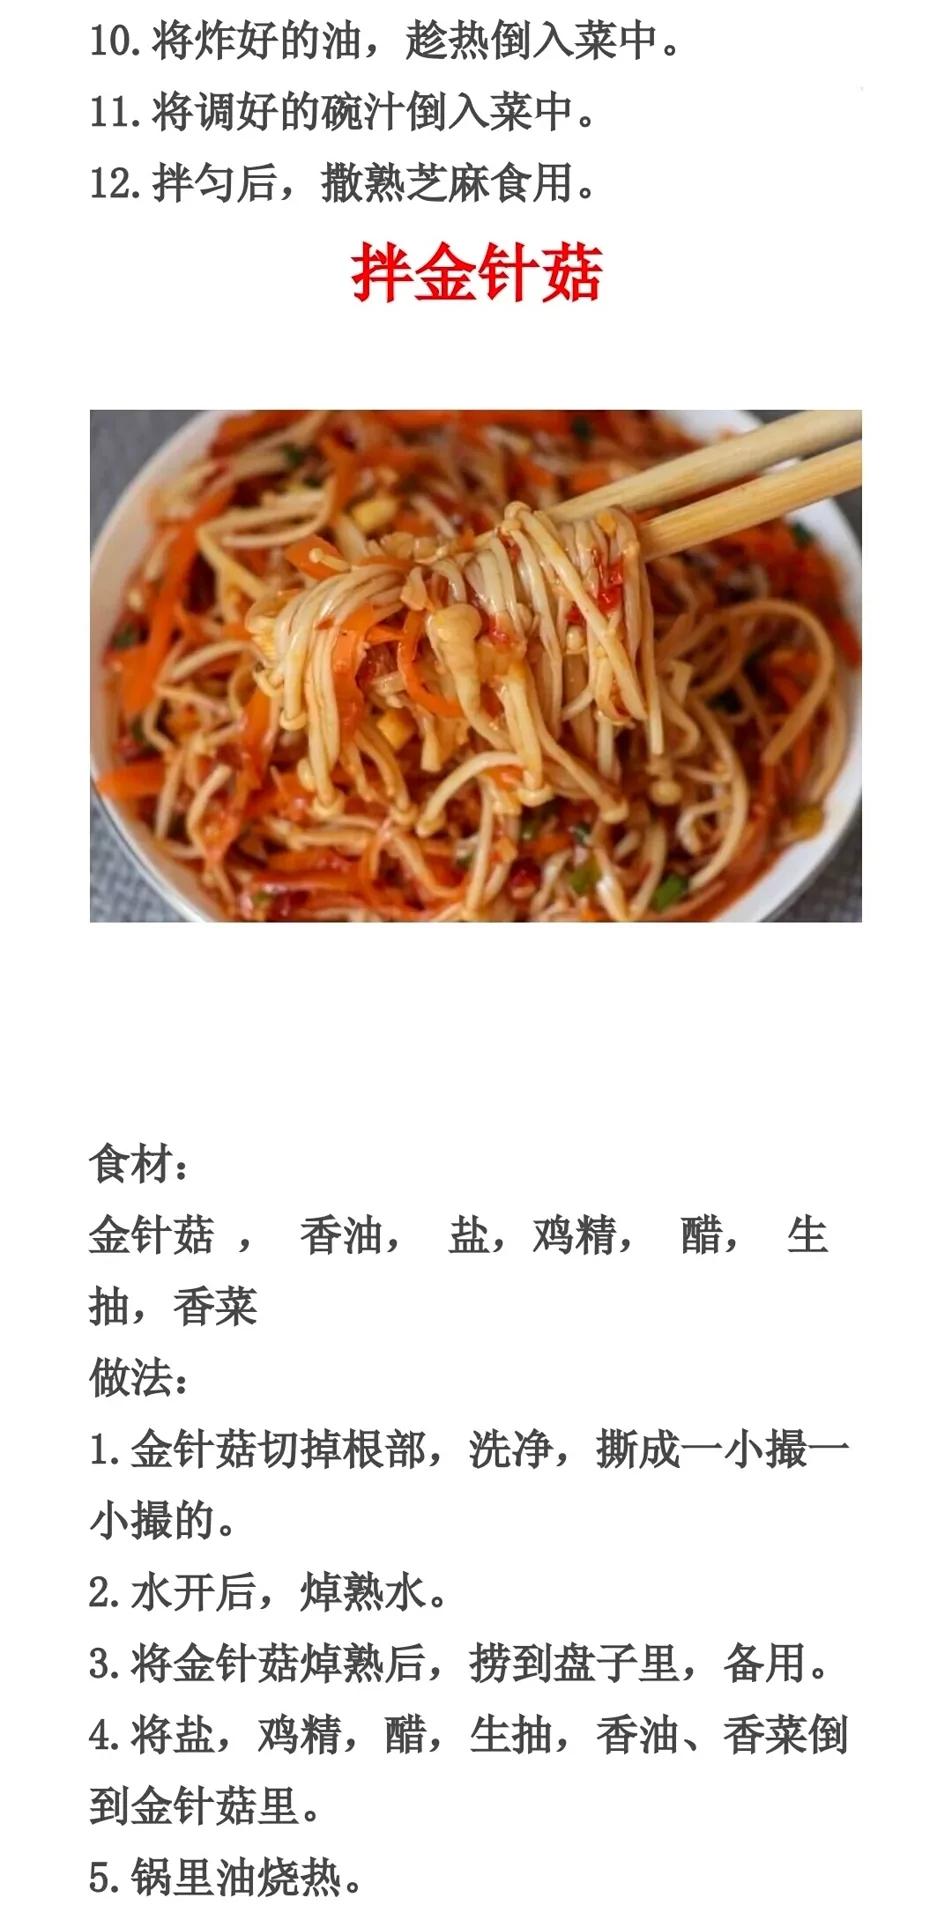 凉菜菜谱家常做法 美食做法 第12张